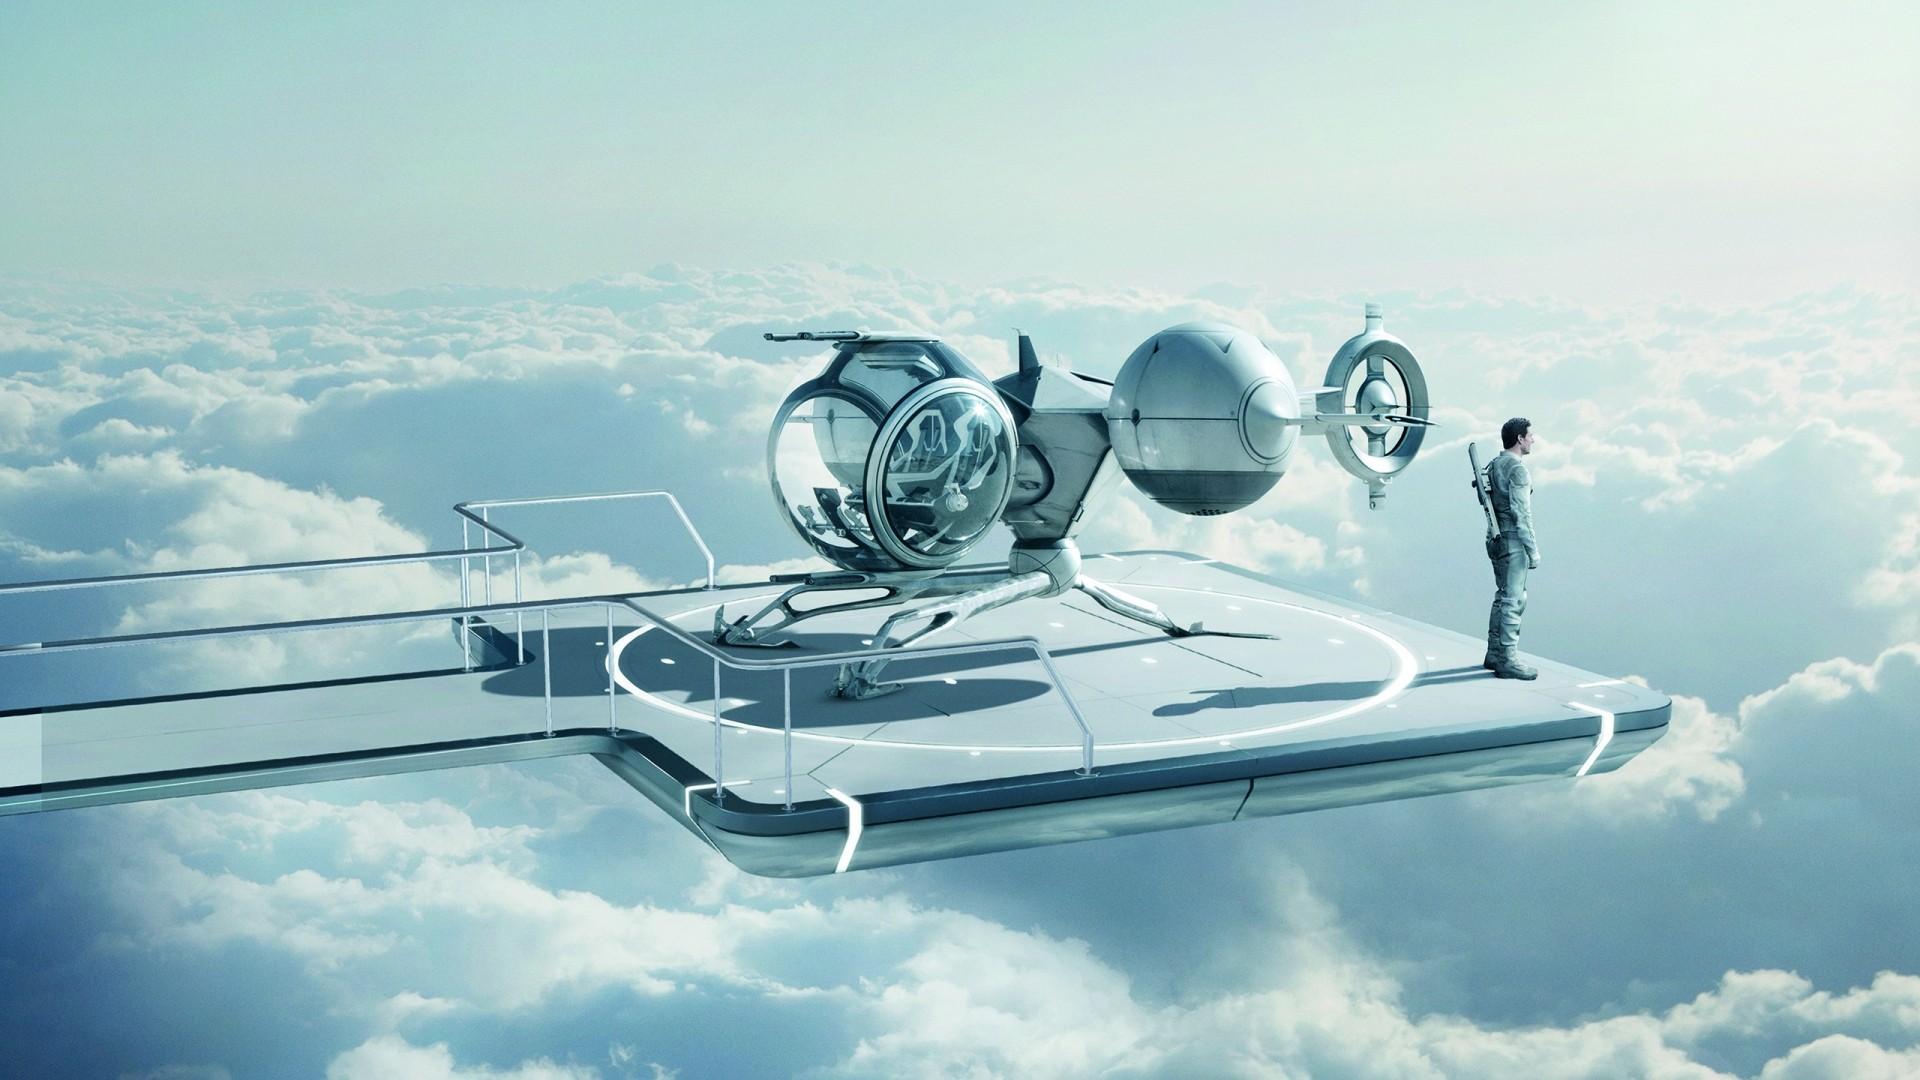 Hintergrundbilder Manner Boot Himmel Schatten Futuristisch Fahrzeug Wolken Flugzeug Darsteller Filme Allein Raumschiff Hubschrauber Yacht Tom Cruise Oblivion Film Helipads Luftfahrt Bildschirmfoto Atmosphare Der Erde Luxusjacht